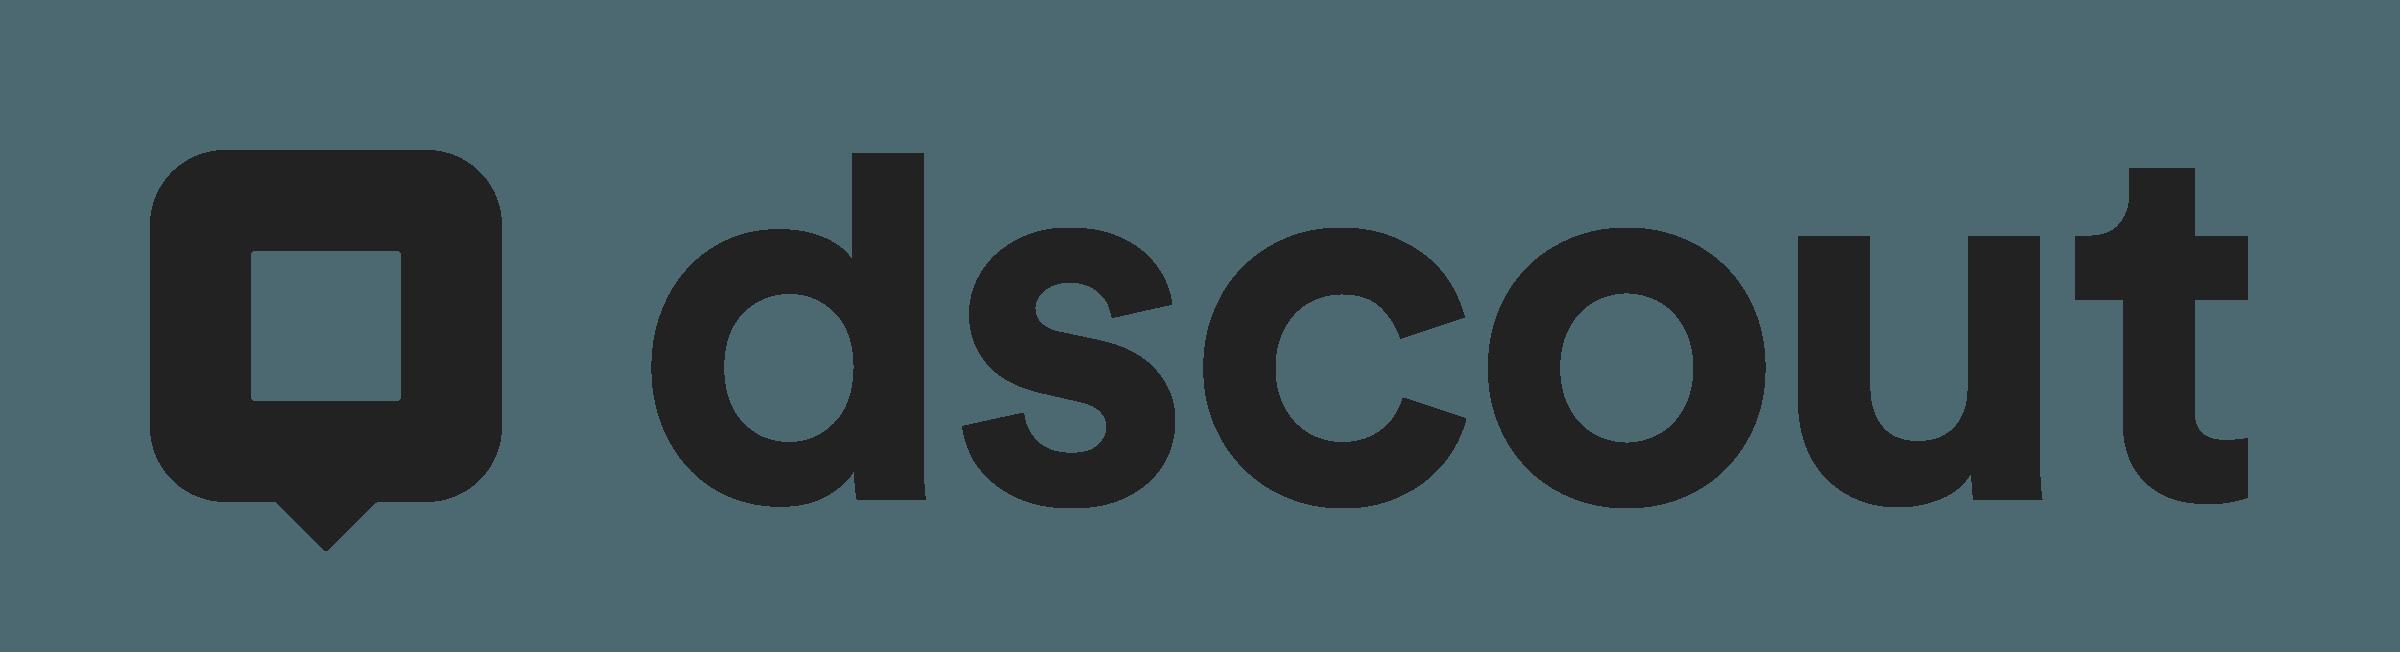 dscout-new-2400